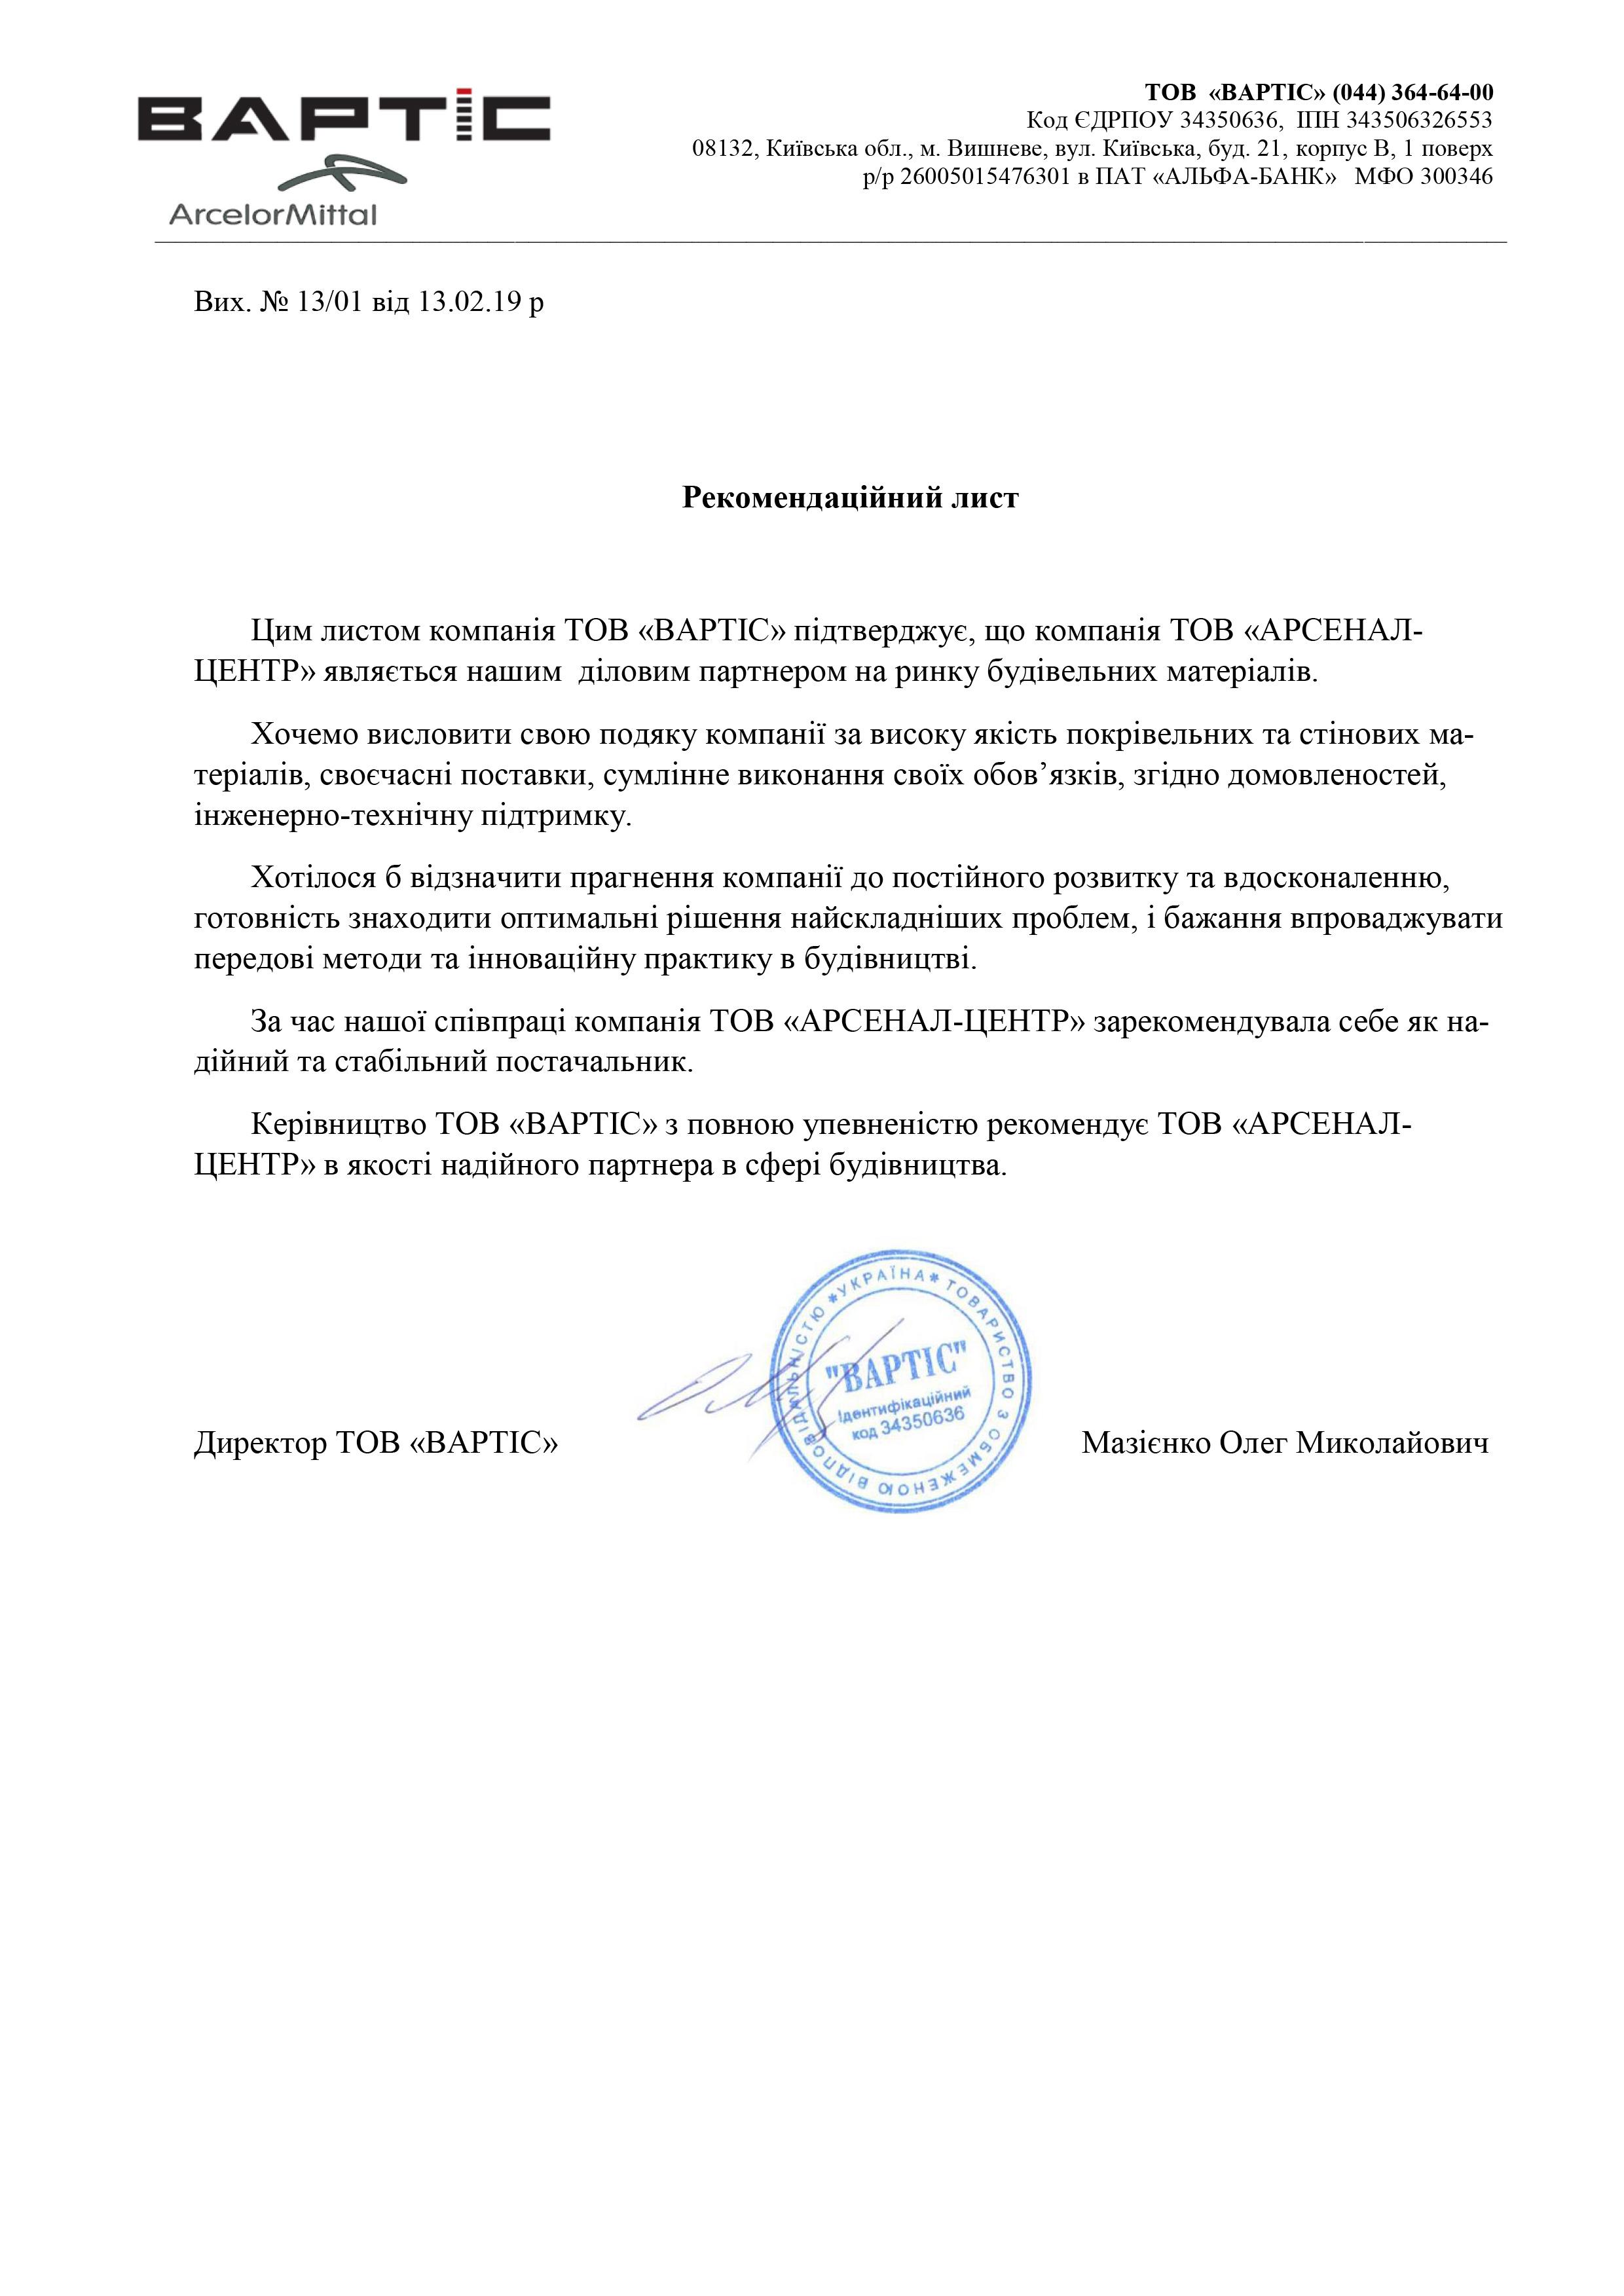 """Рекомендательное письмо ООО """"Вартис"""""""